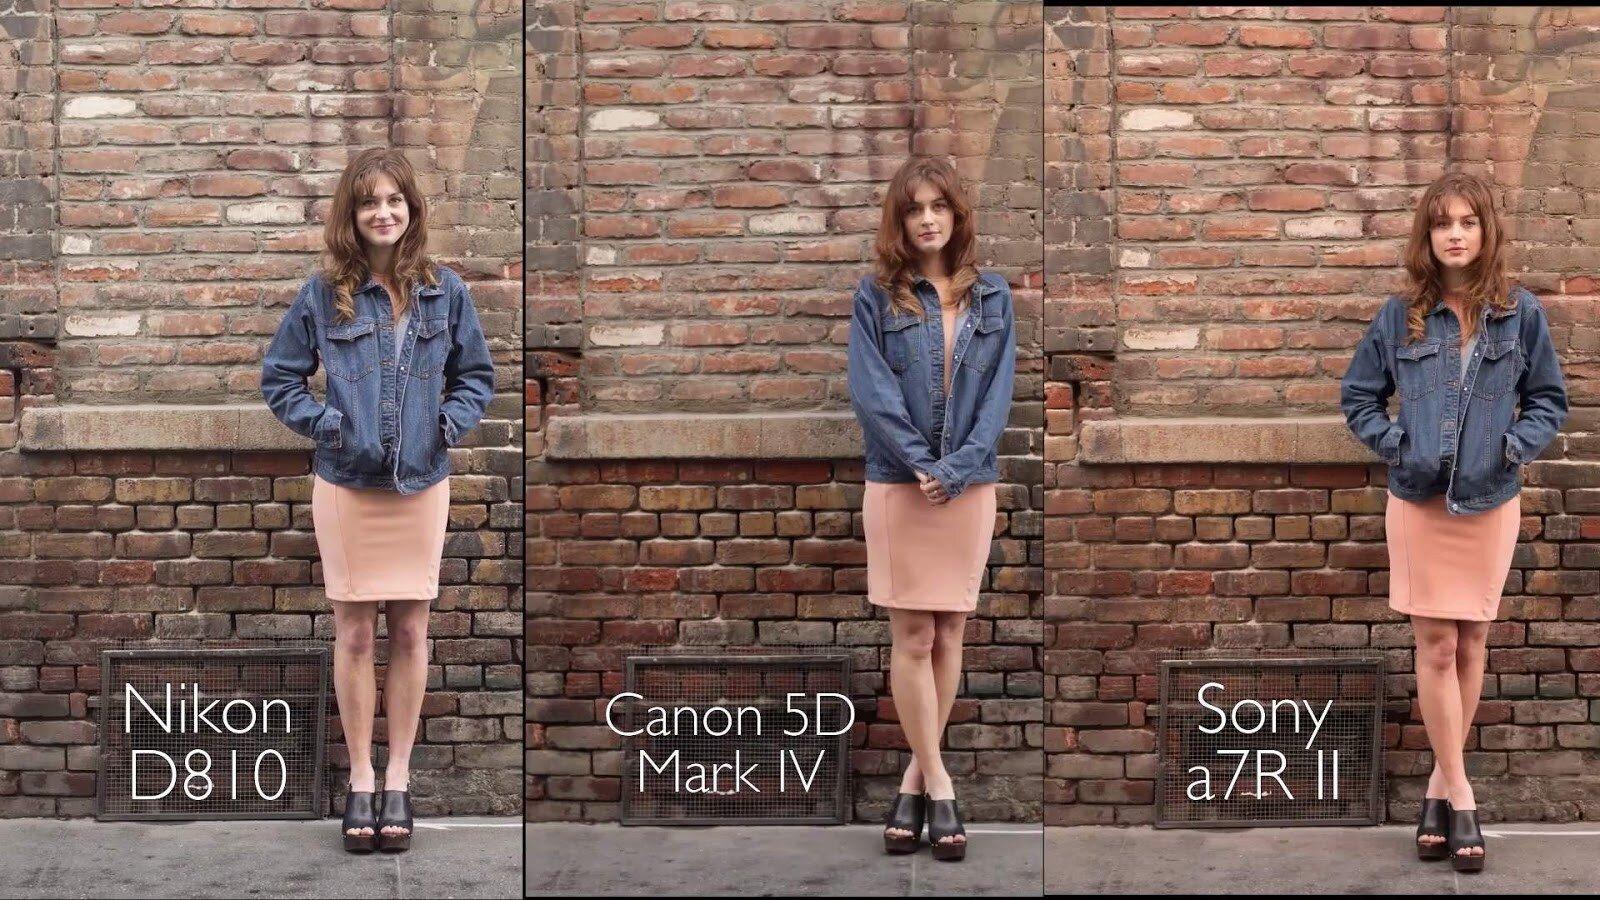 So sánh Sony A7 và Canon 5D Mark III về các tính năng nổi trội